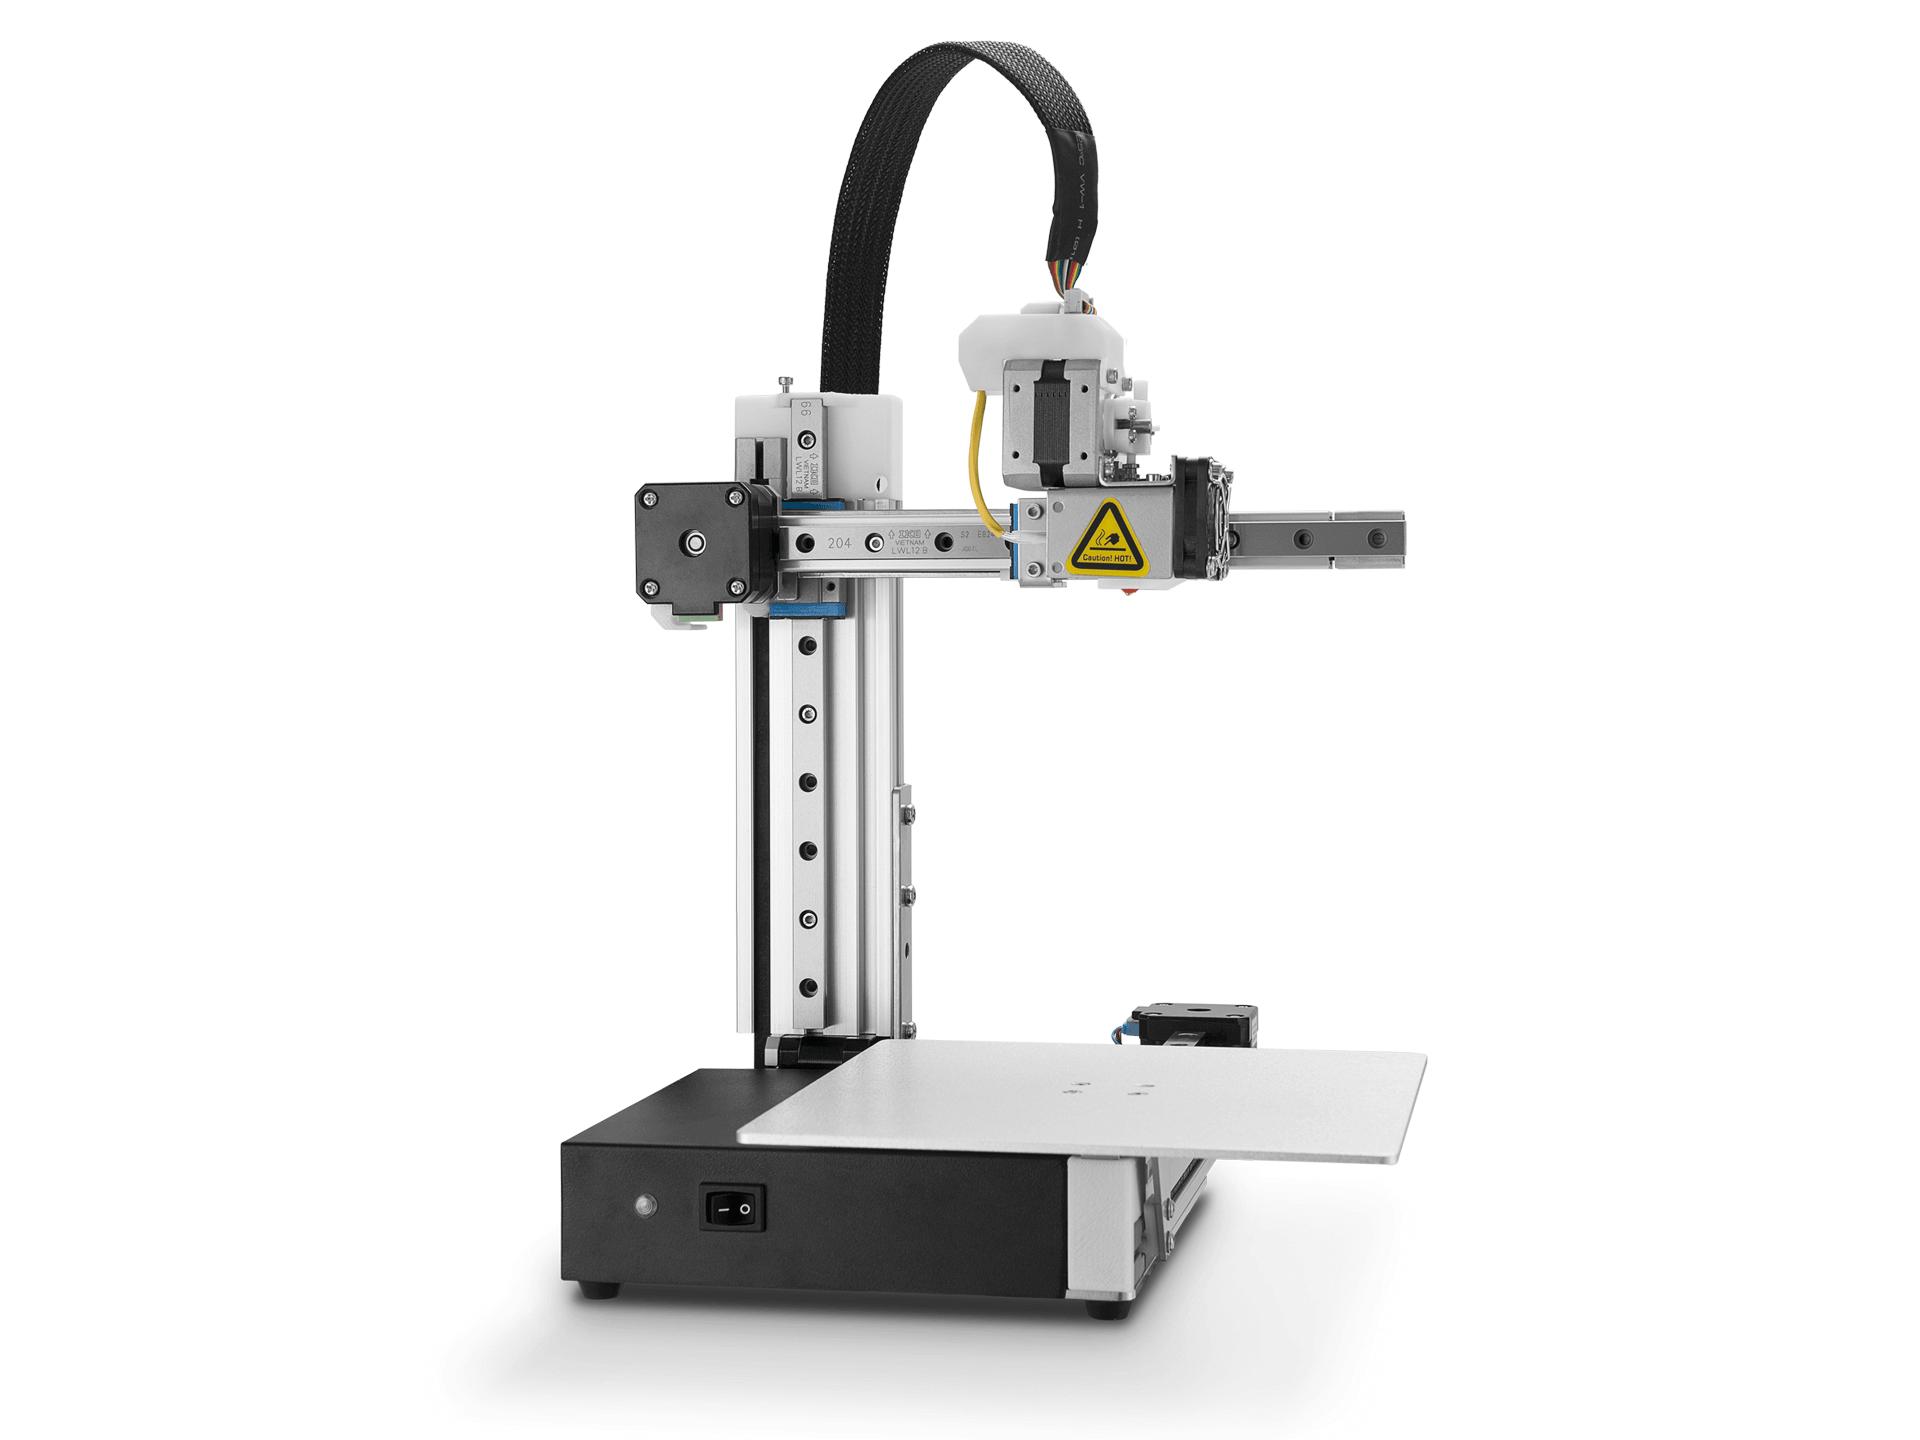 Máy in 3D giá rẻ thiết kế nhỏ gọn